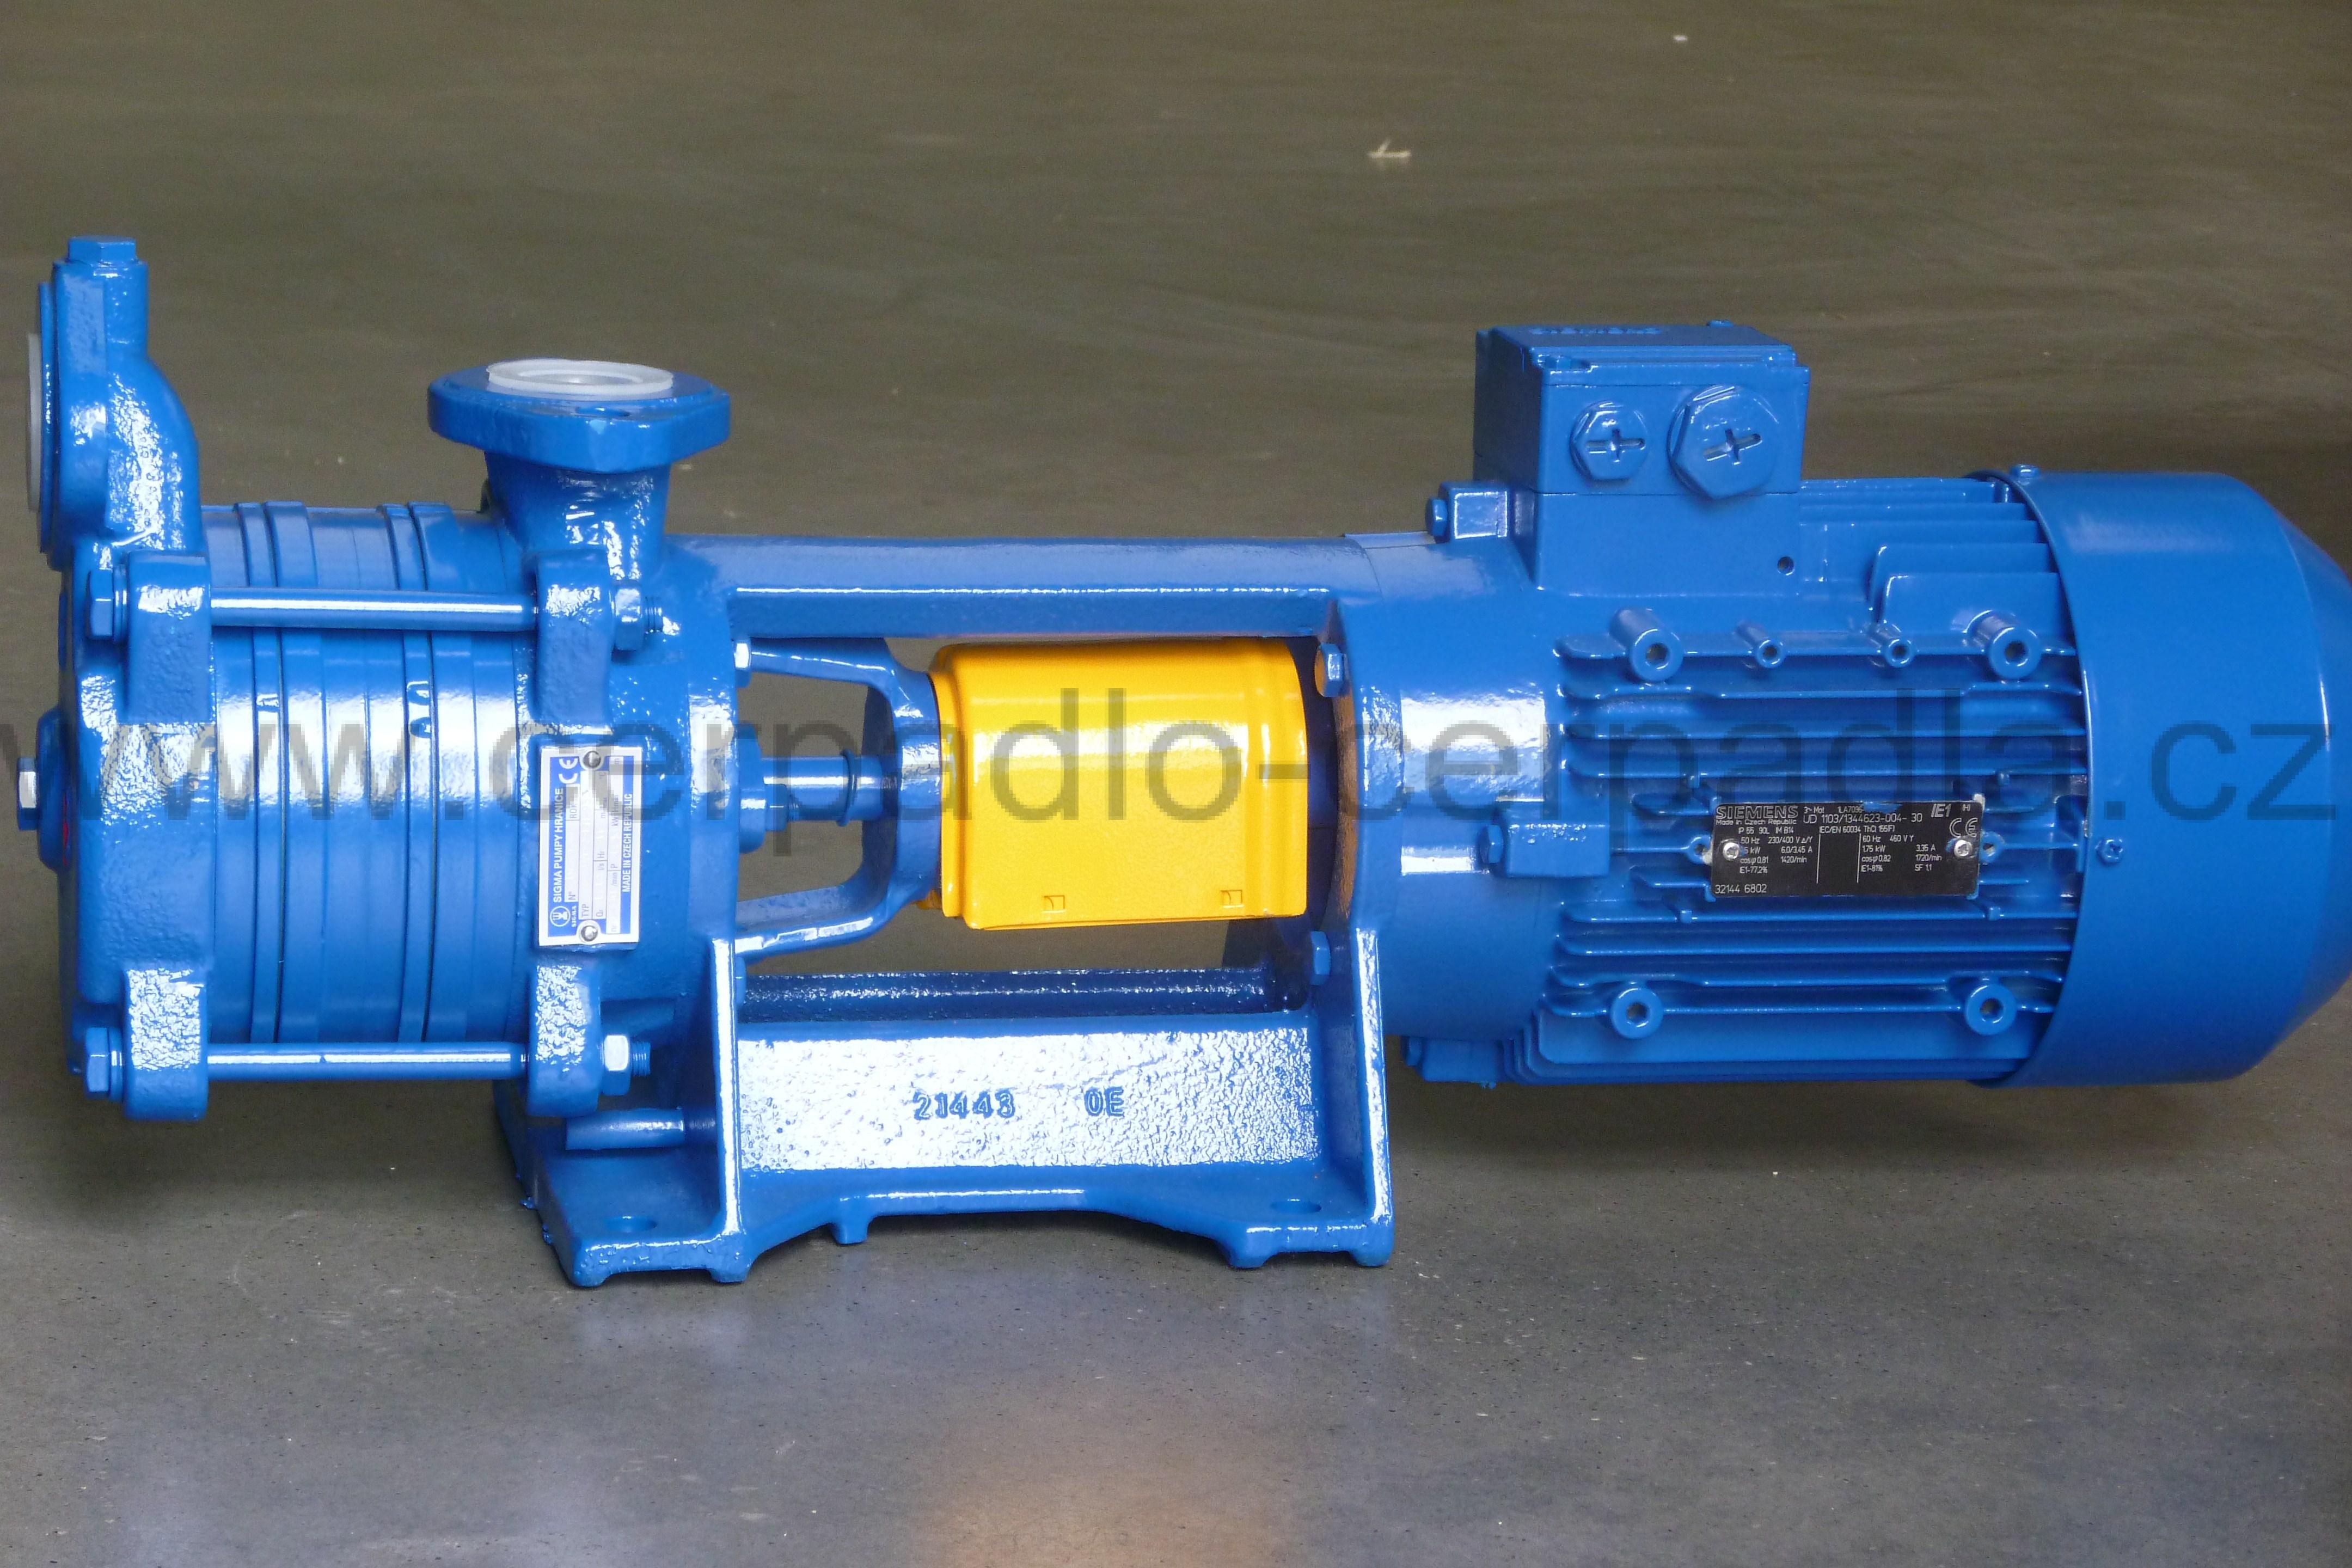 Sigma čerpadlo 32-SVA-130-10-2-LM-853 (SVA-K00145) (AKCE DOPRAVA ZDARMA, čerpadla SIGMA 32-SVA-130-10-2-LM-853)